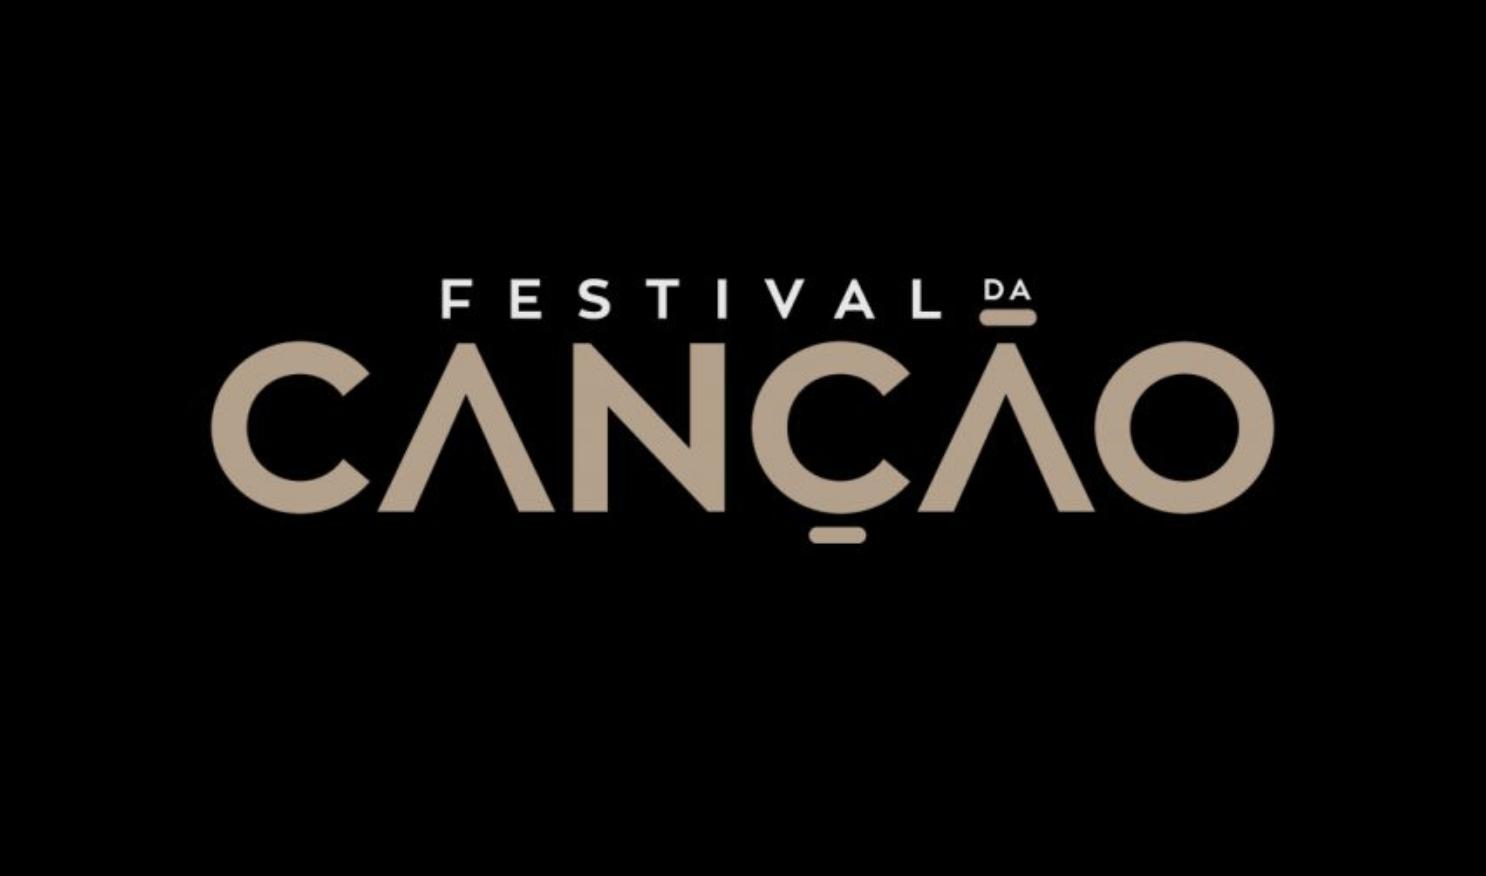 Festival da Canção 2021 inicia selecção de autores